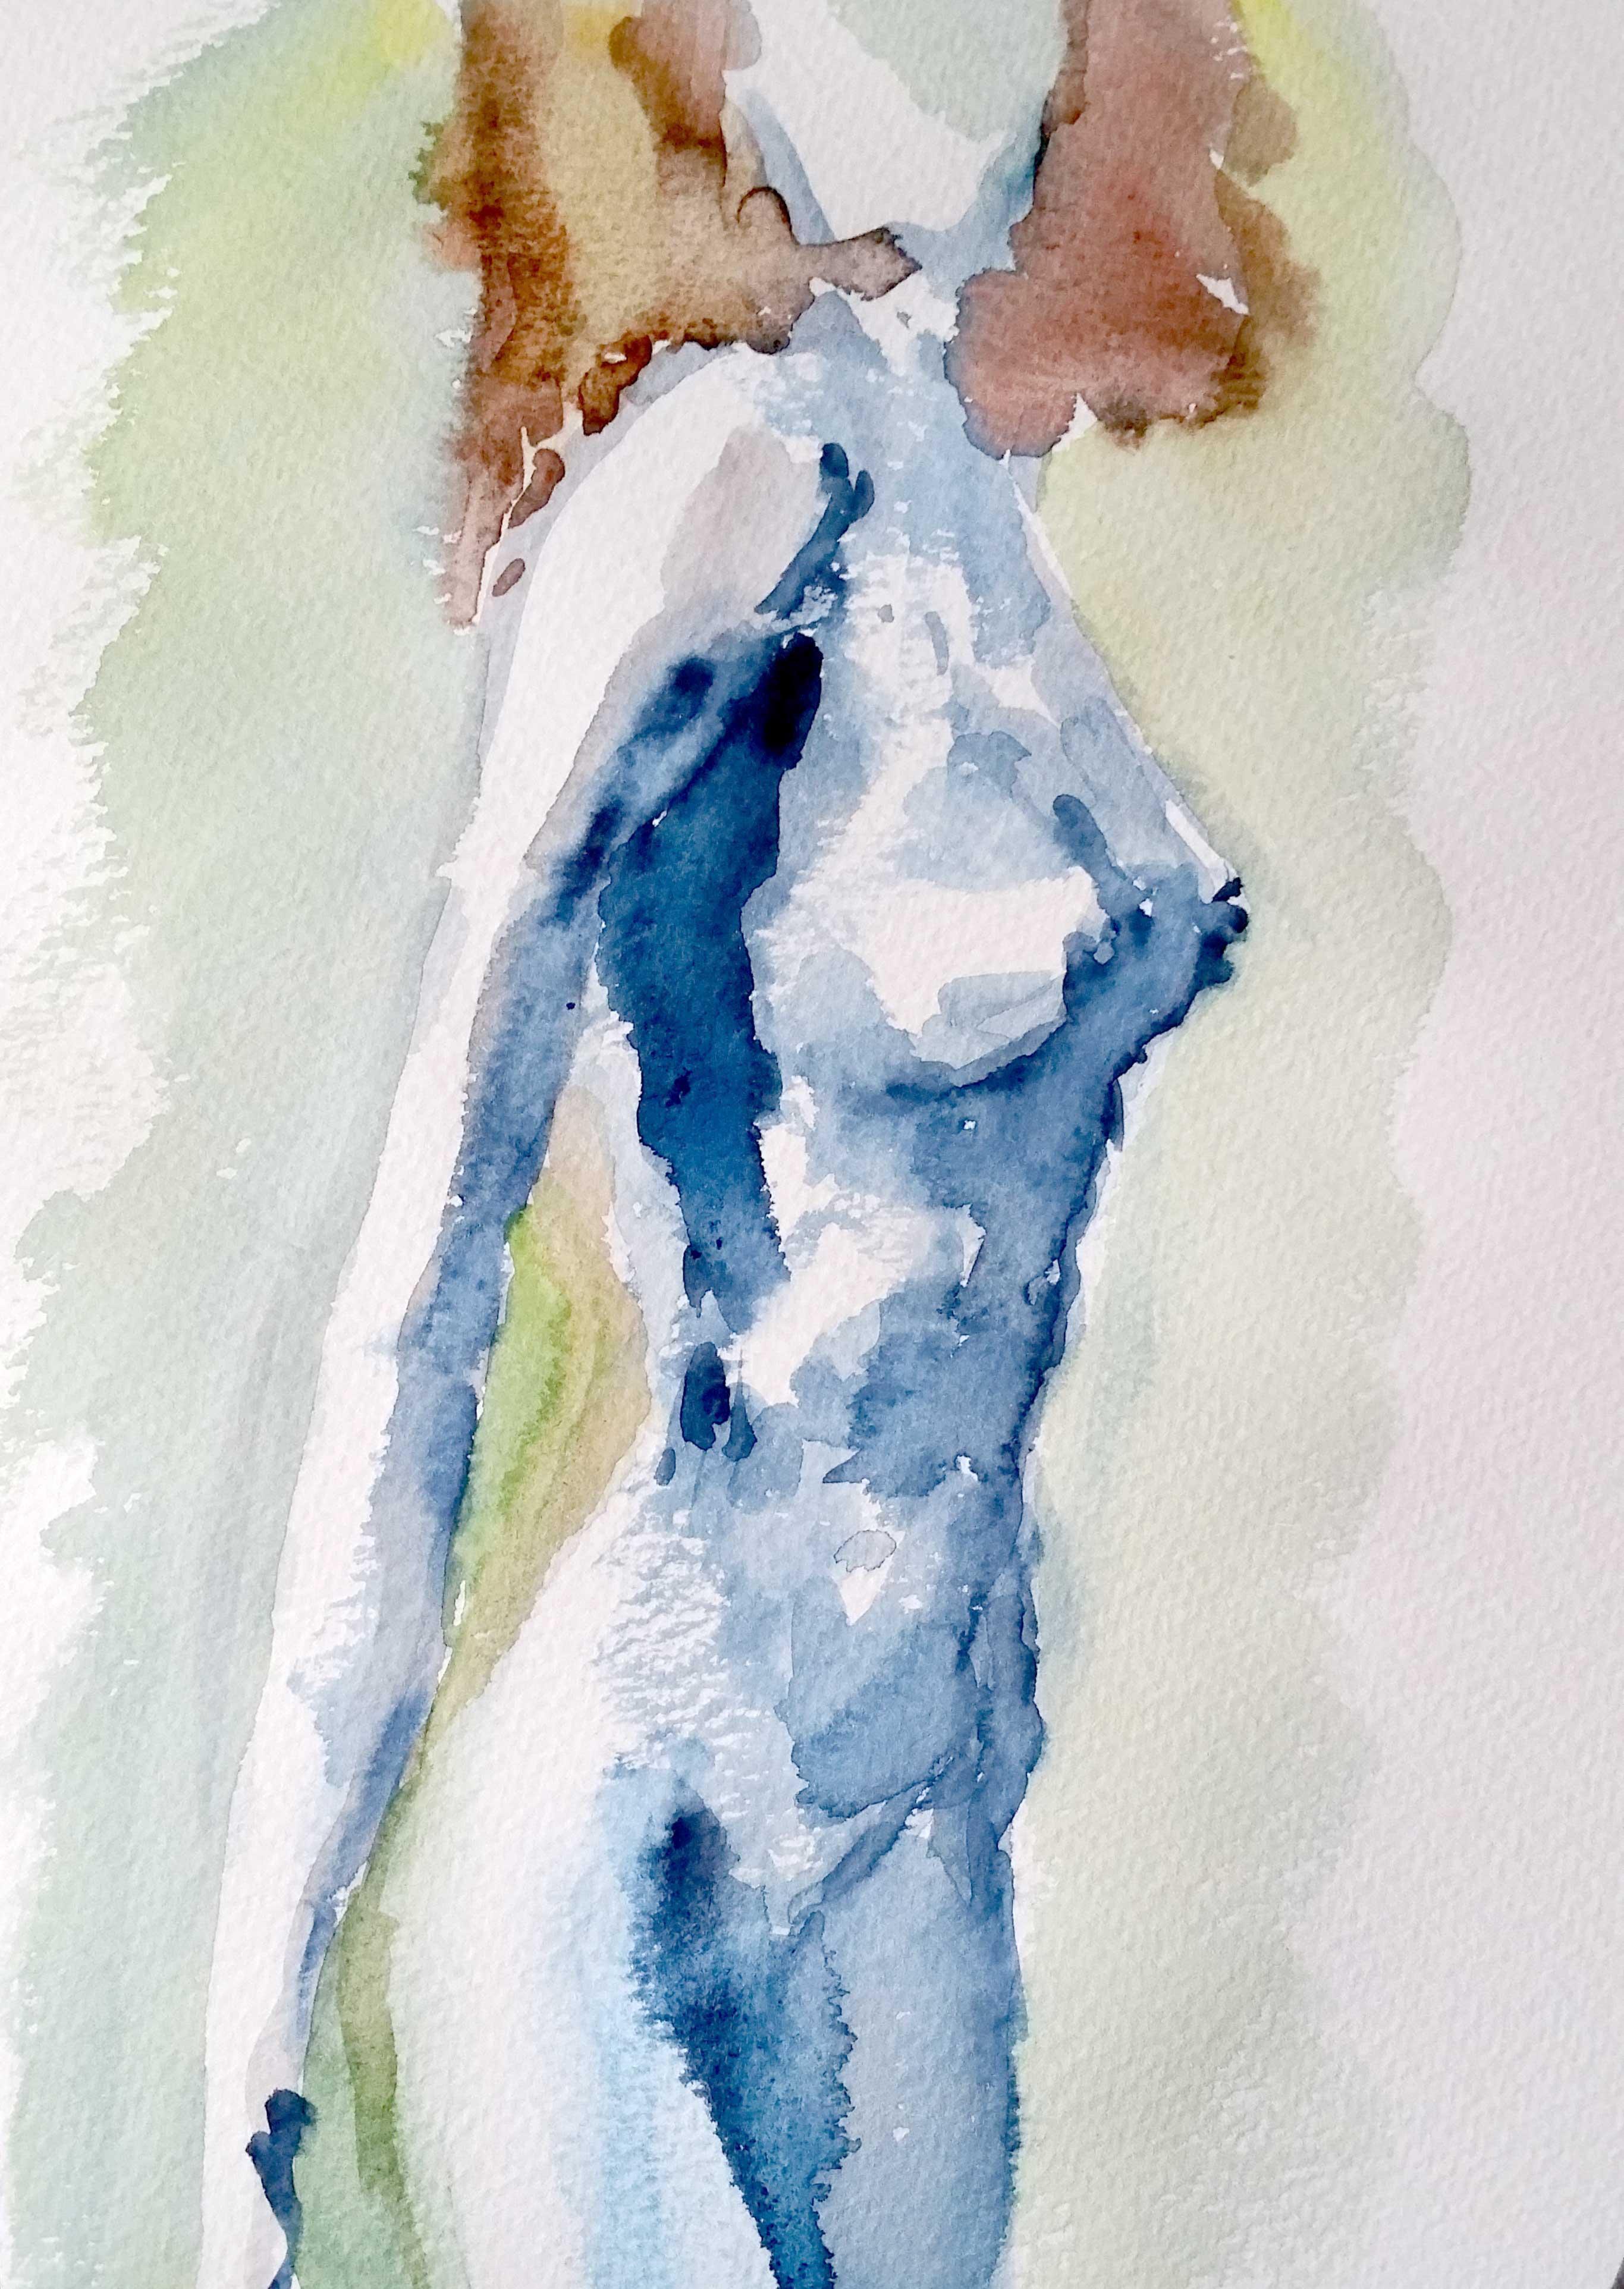 Dessin buste femme aquarelle color� sur papier  cours de dessin